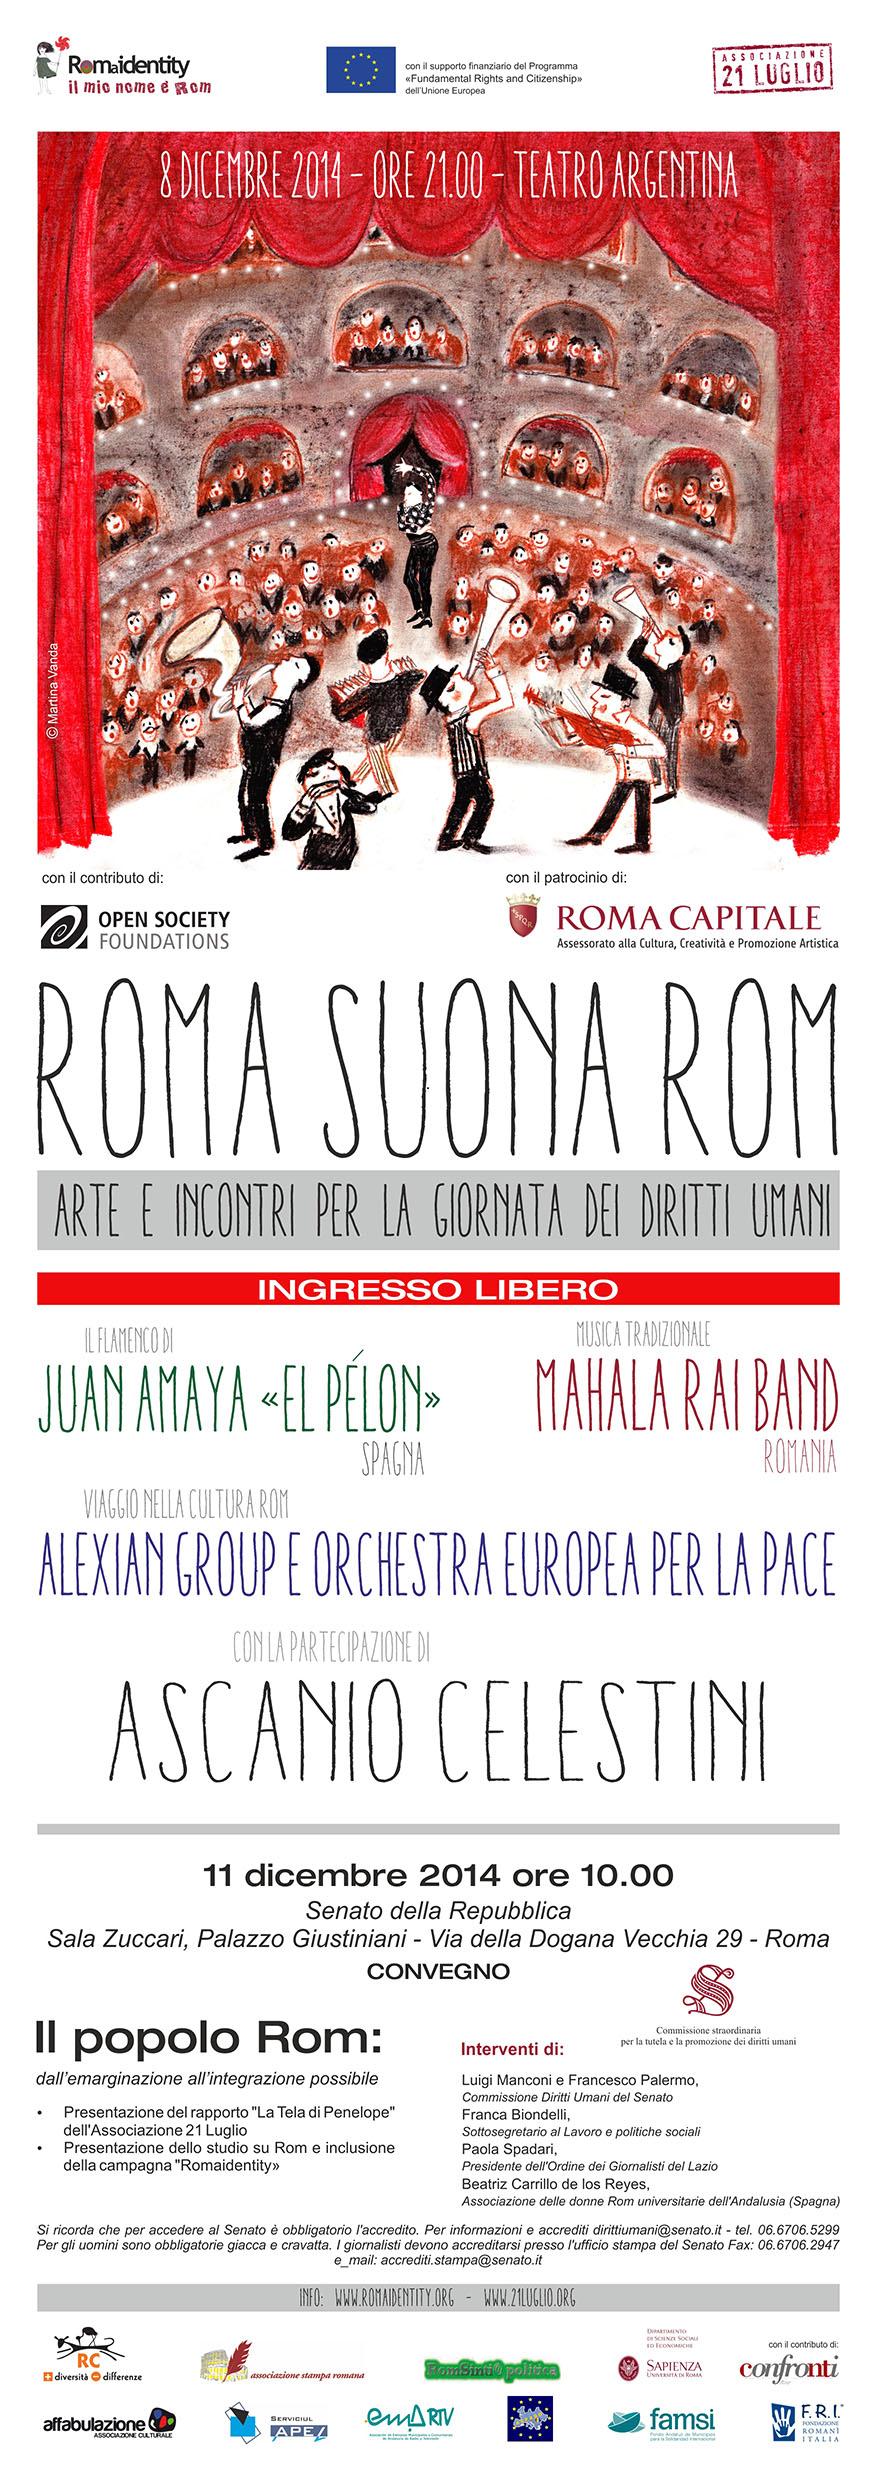 Roma Suona Rom: smontare i pregiudizi attraverso la conoscenza diretta